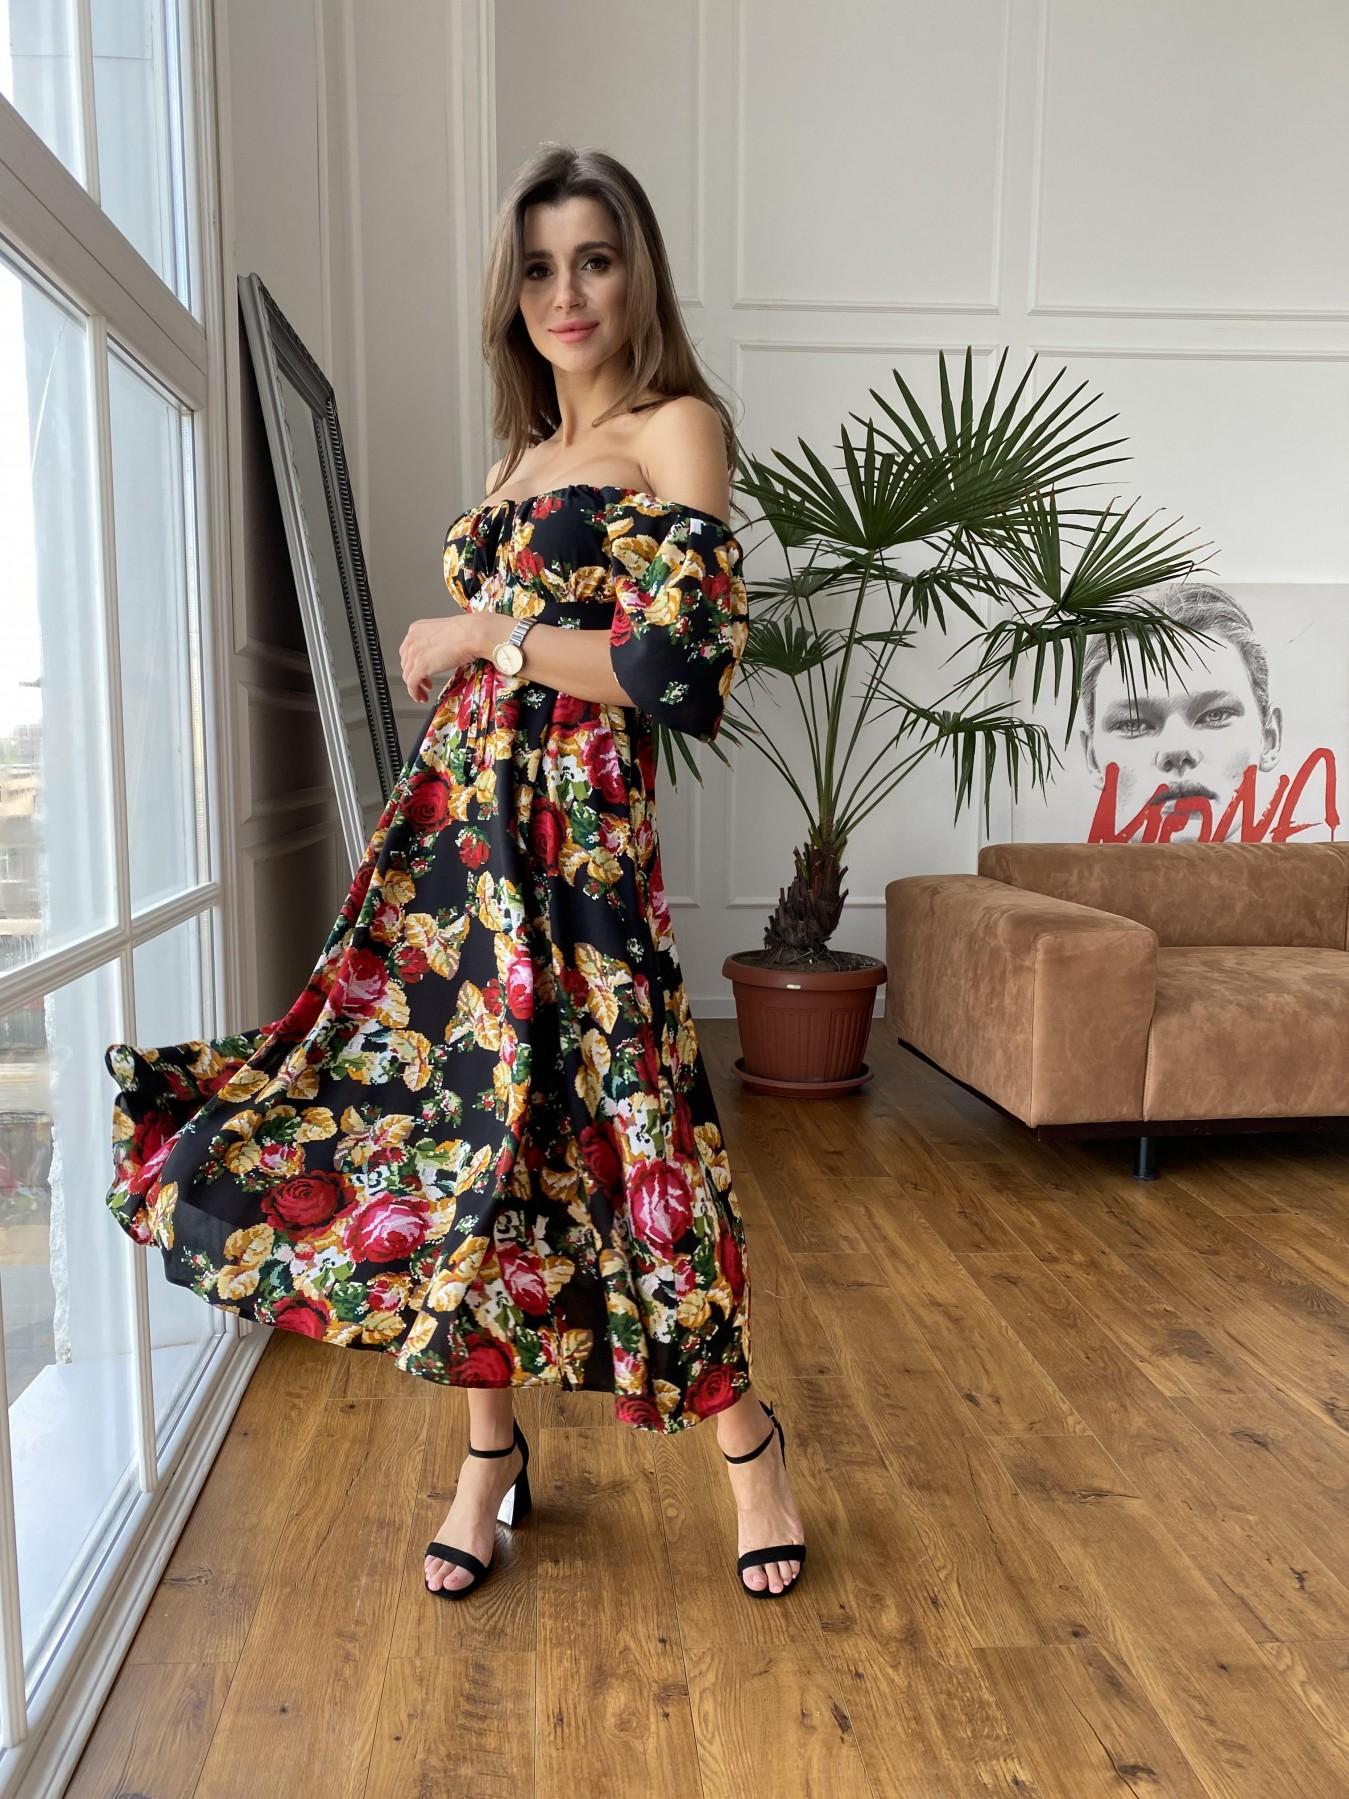 Кисес Миди платье из креп шифона в принт 11575 АРТ. 48253 Цвет: Черный вышивка 3 - фото 7, интернет магазин tm-modus.ru